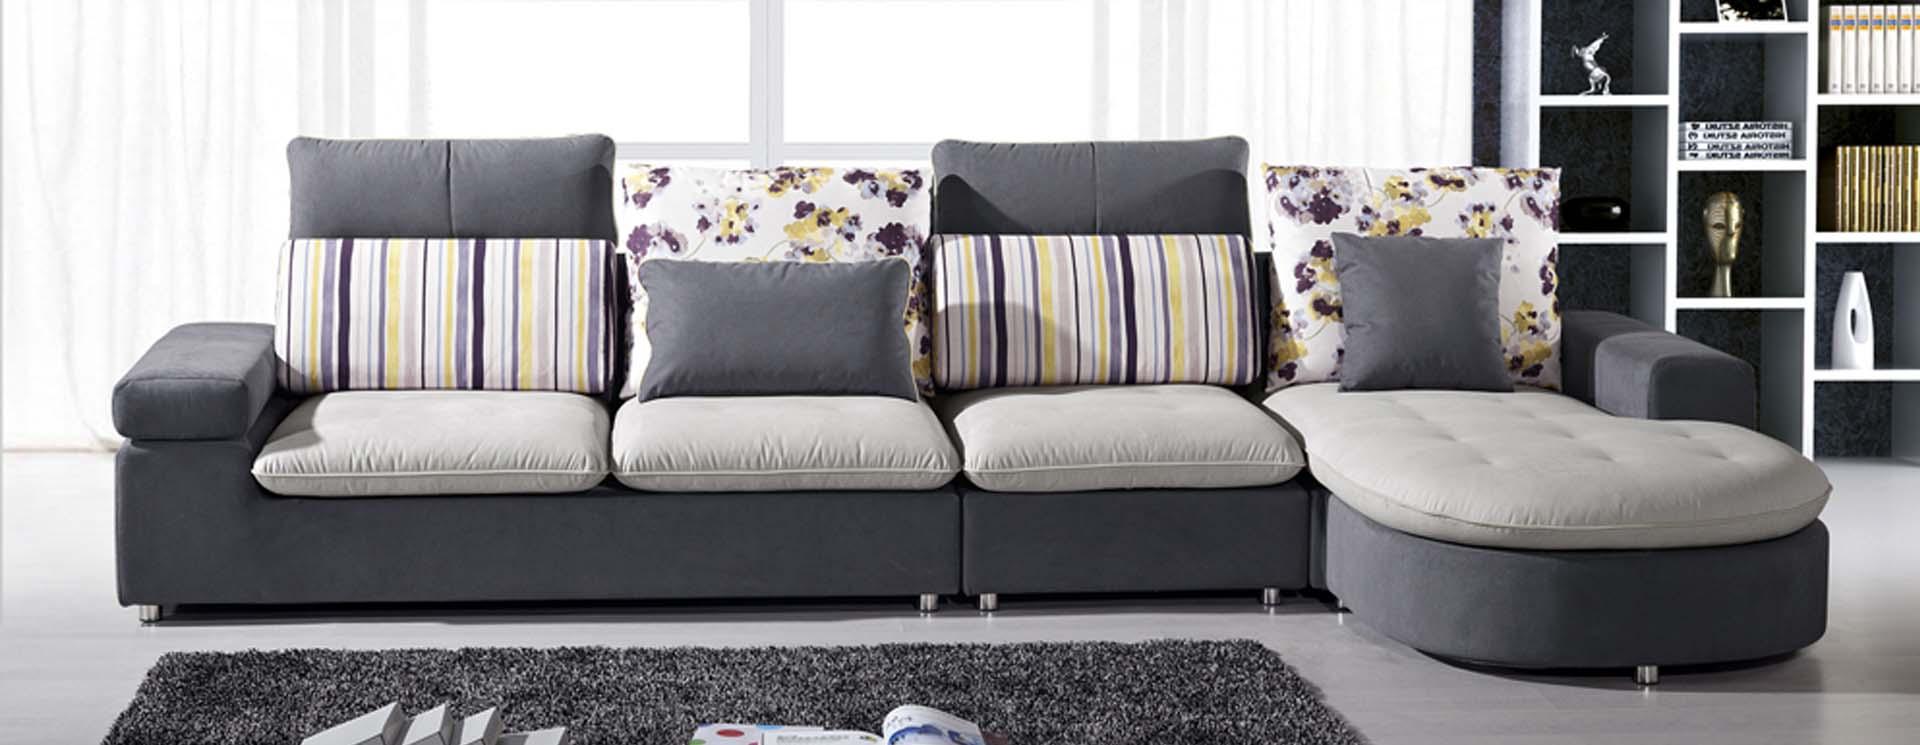 名称:沙发E-636#A<br/> 市场价:<font style='color:#999;text-decoration:line-through;'>¥0</font><br />全国统一零售价:<font color='Red'>¥0.0</font>